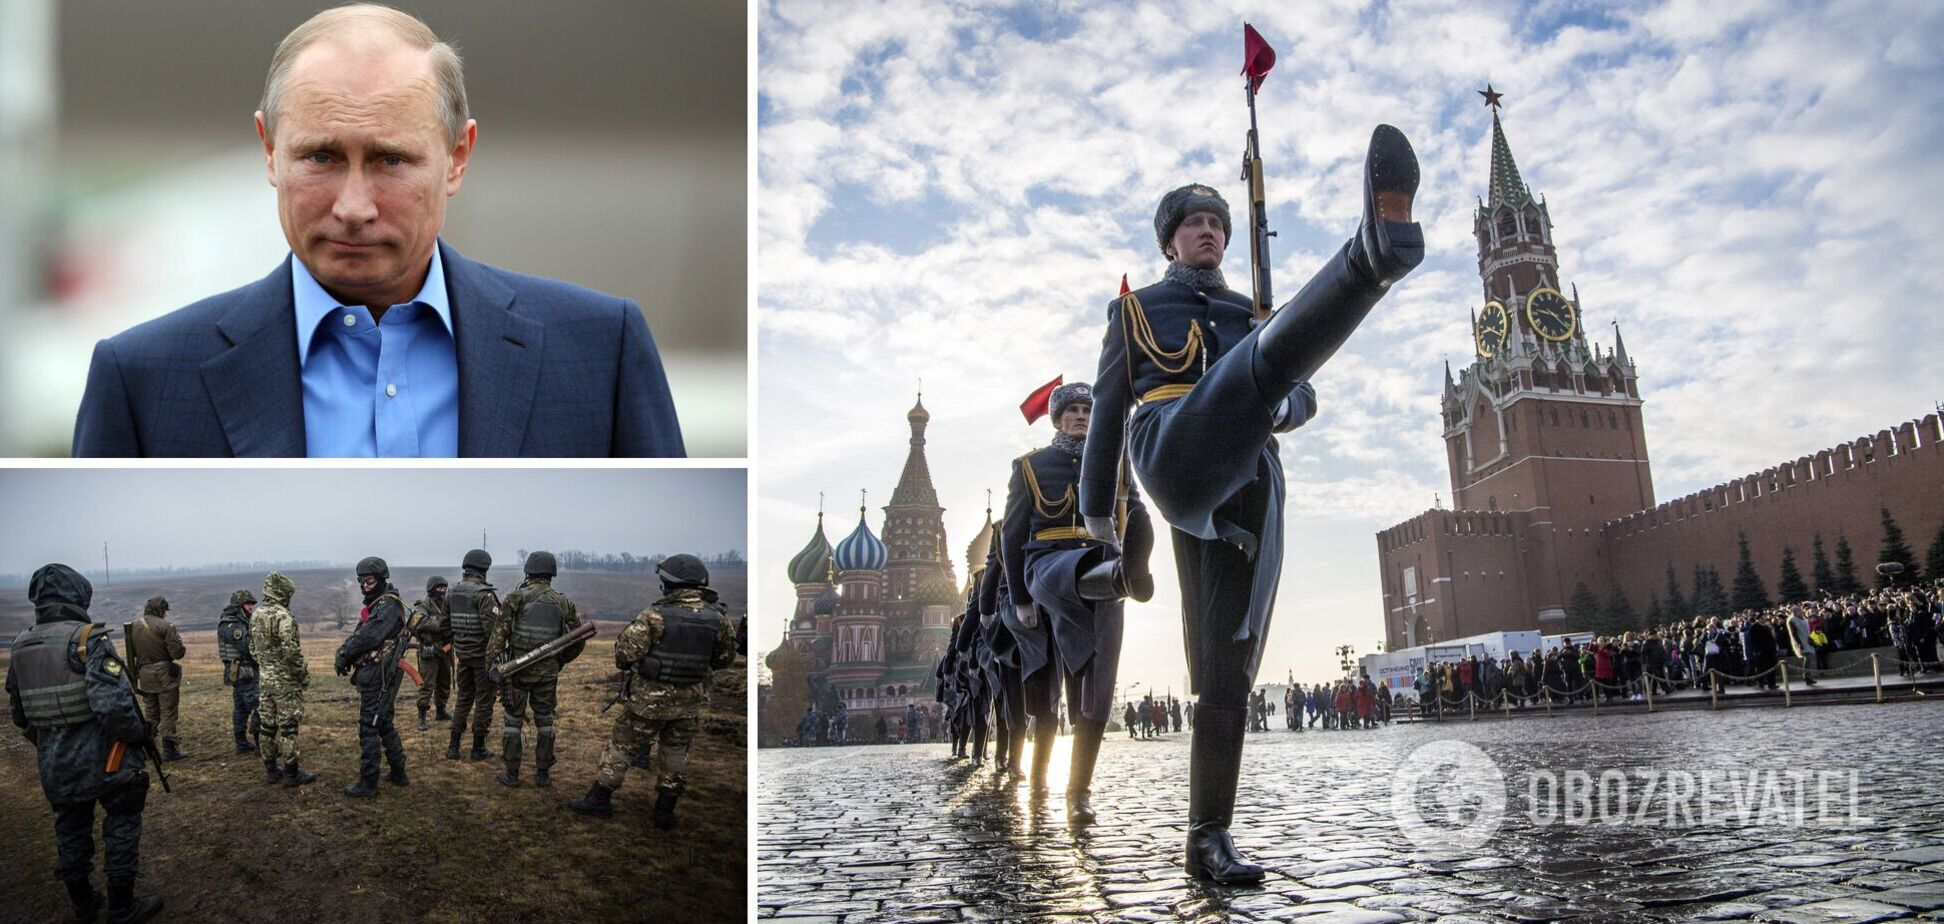 В Кремле считают, что украинские войска собираются наступать на территорию оккупированного Донбасса, считает бывший депутат Госдумы Илья Пономарев